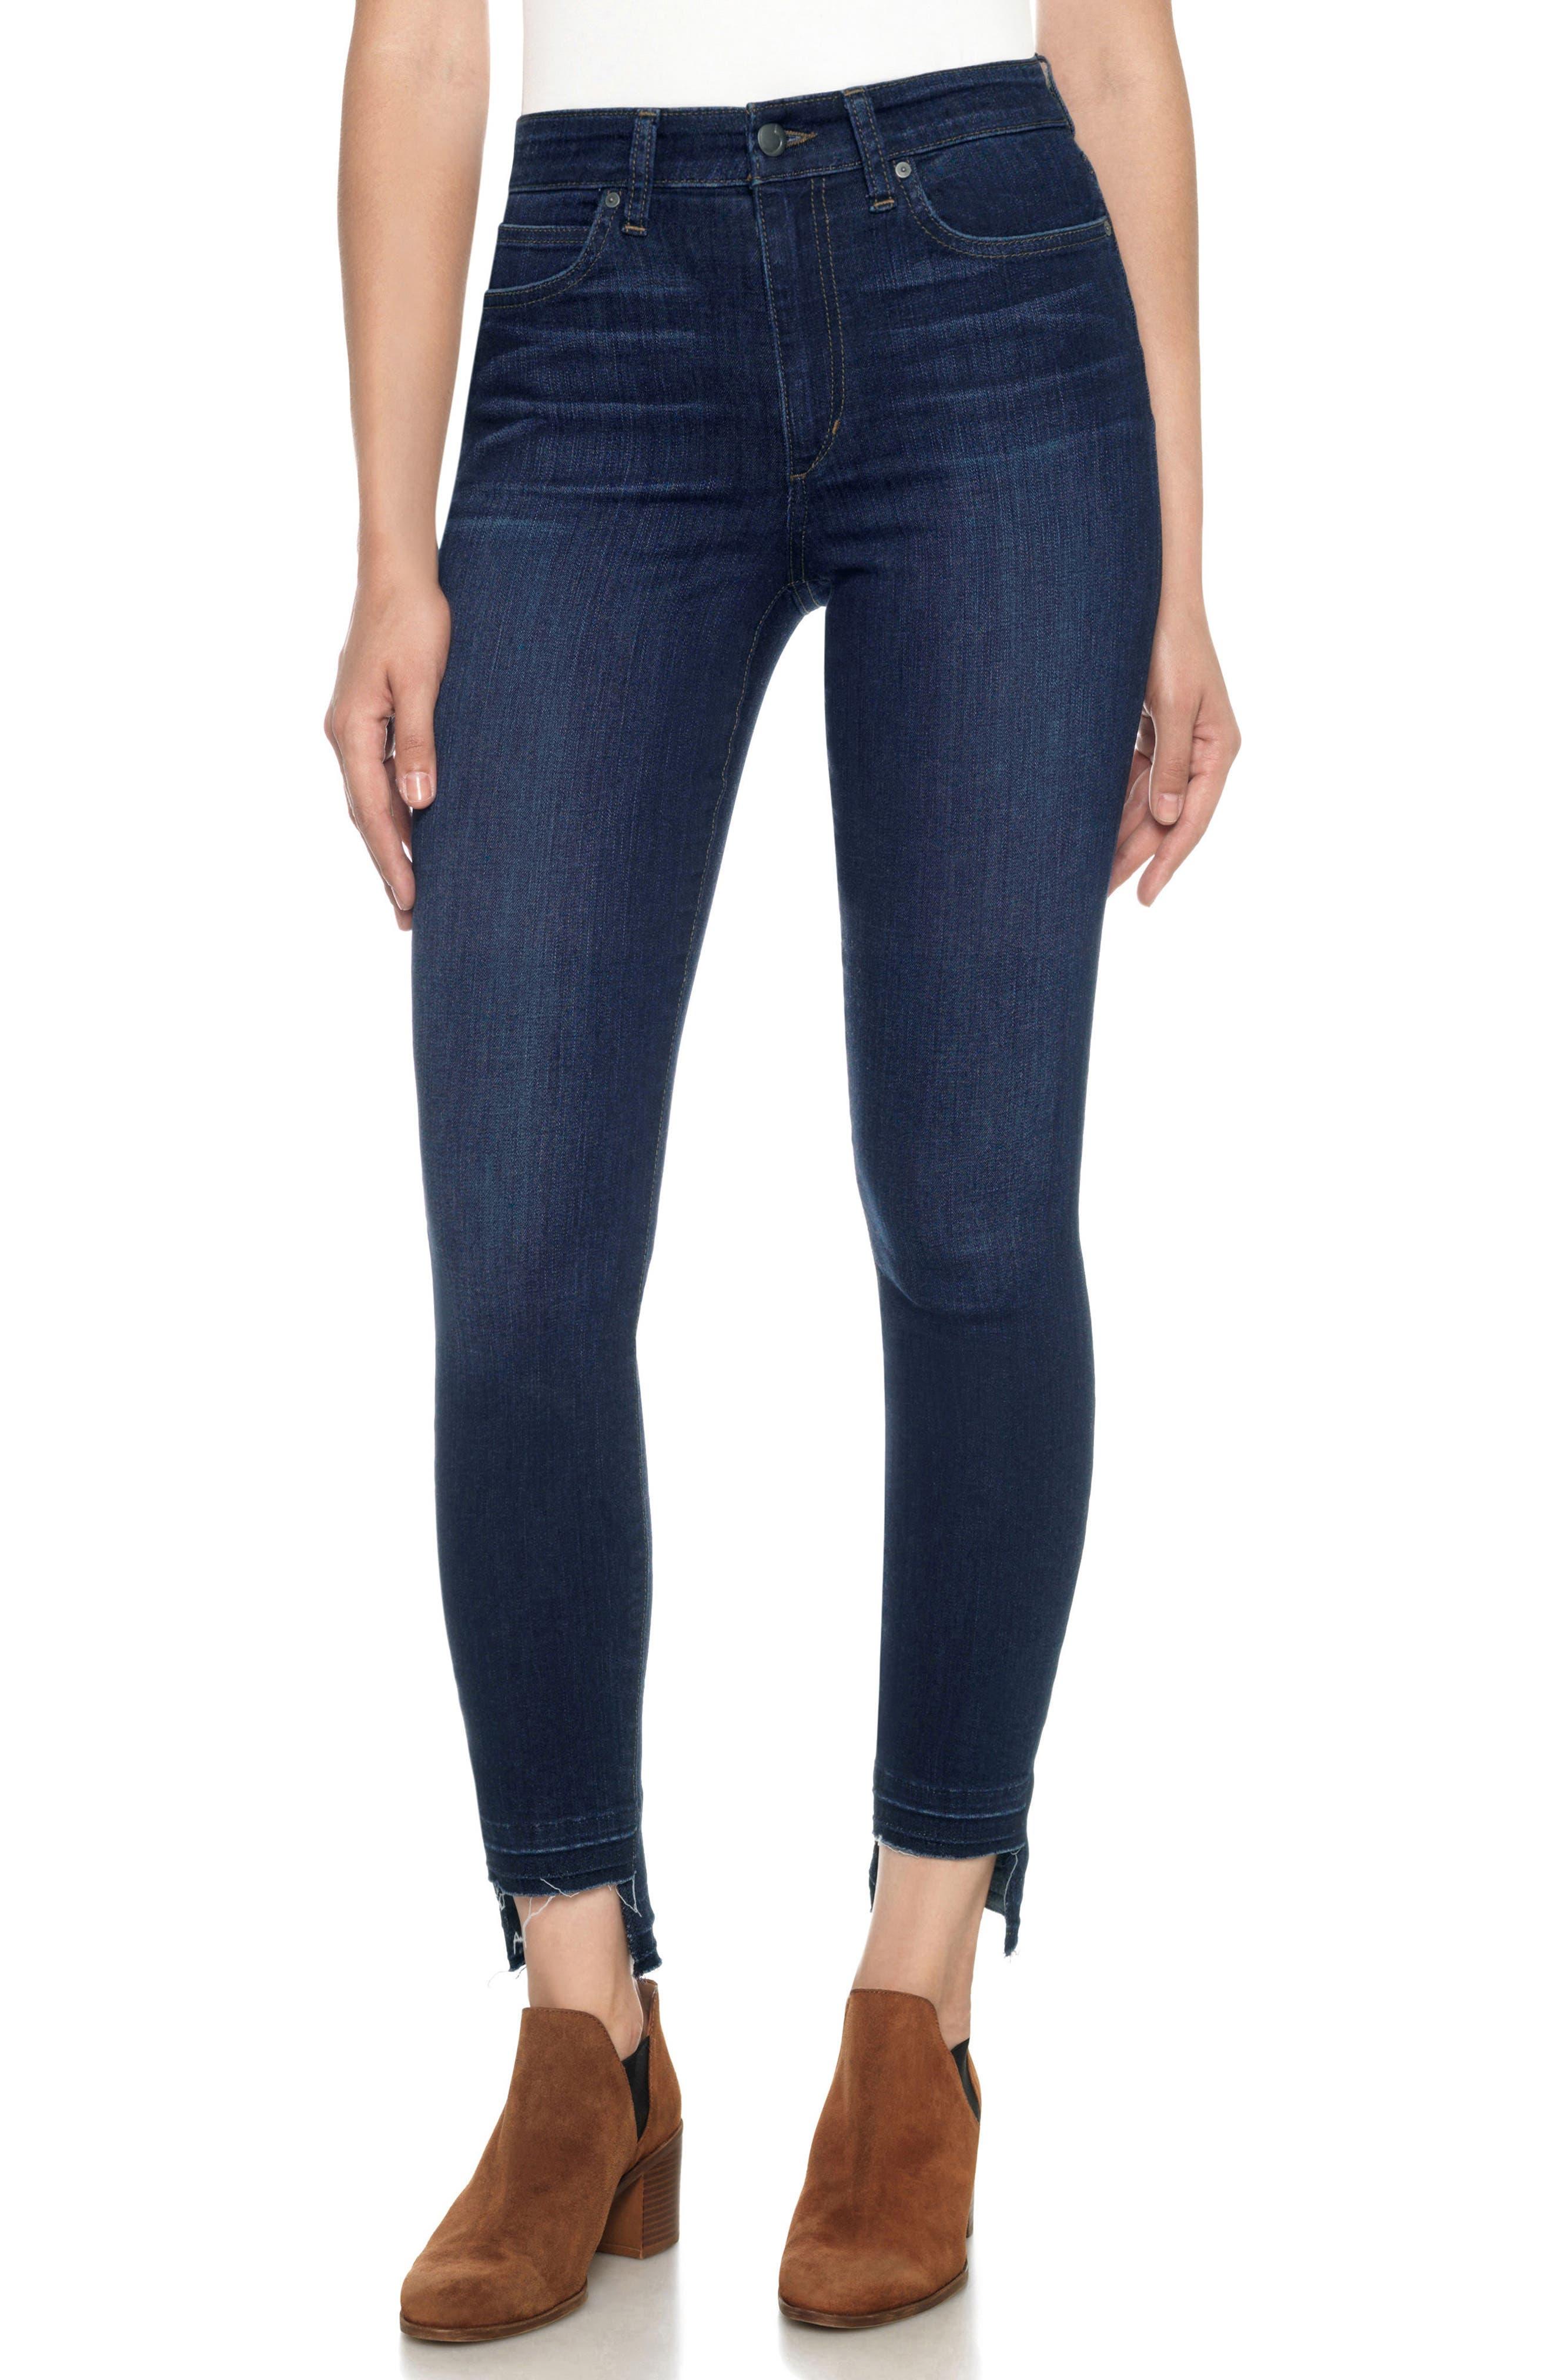 Alternate Image 1 Selected - Joe's Flawless - Charlie High Waist Step Hem Ankle Skinny Jeans (Nurie)